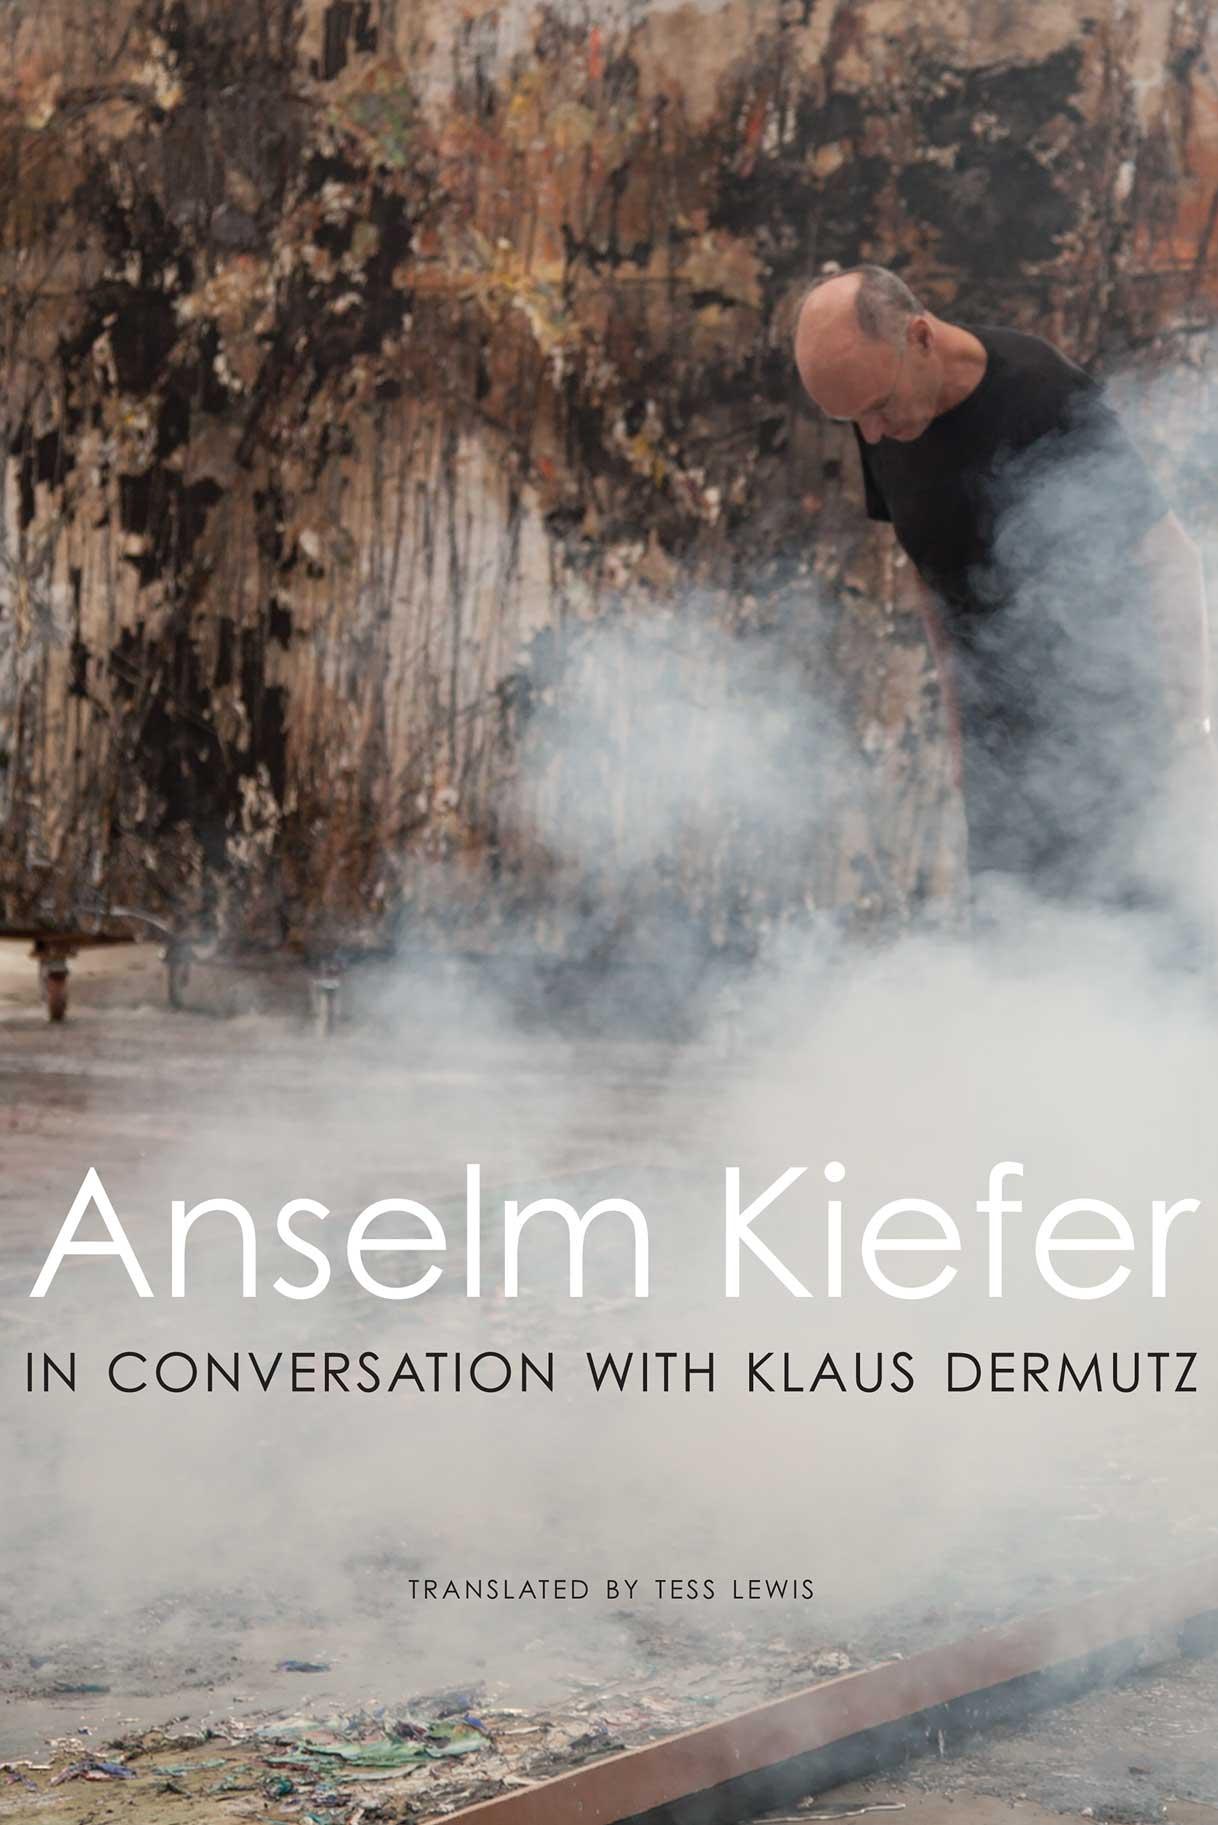 Anselm Kiefer in Conversation with Klaus Dermutz    Seagull Books